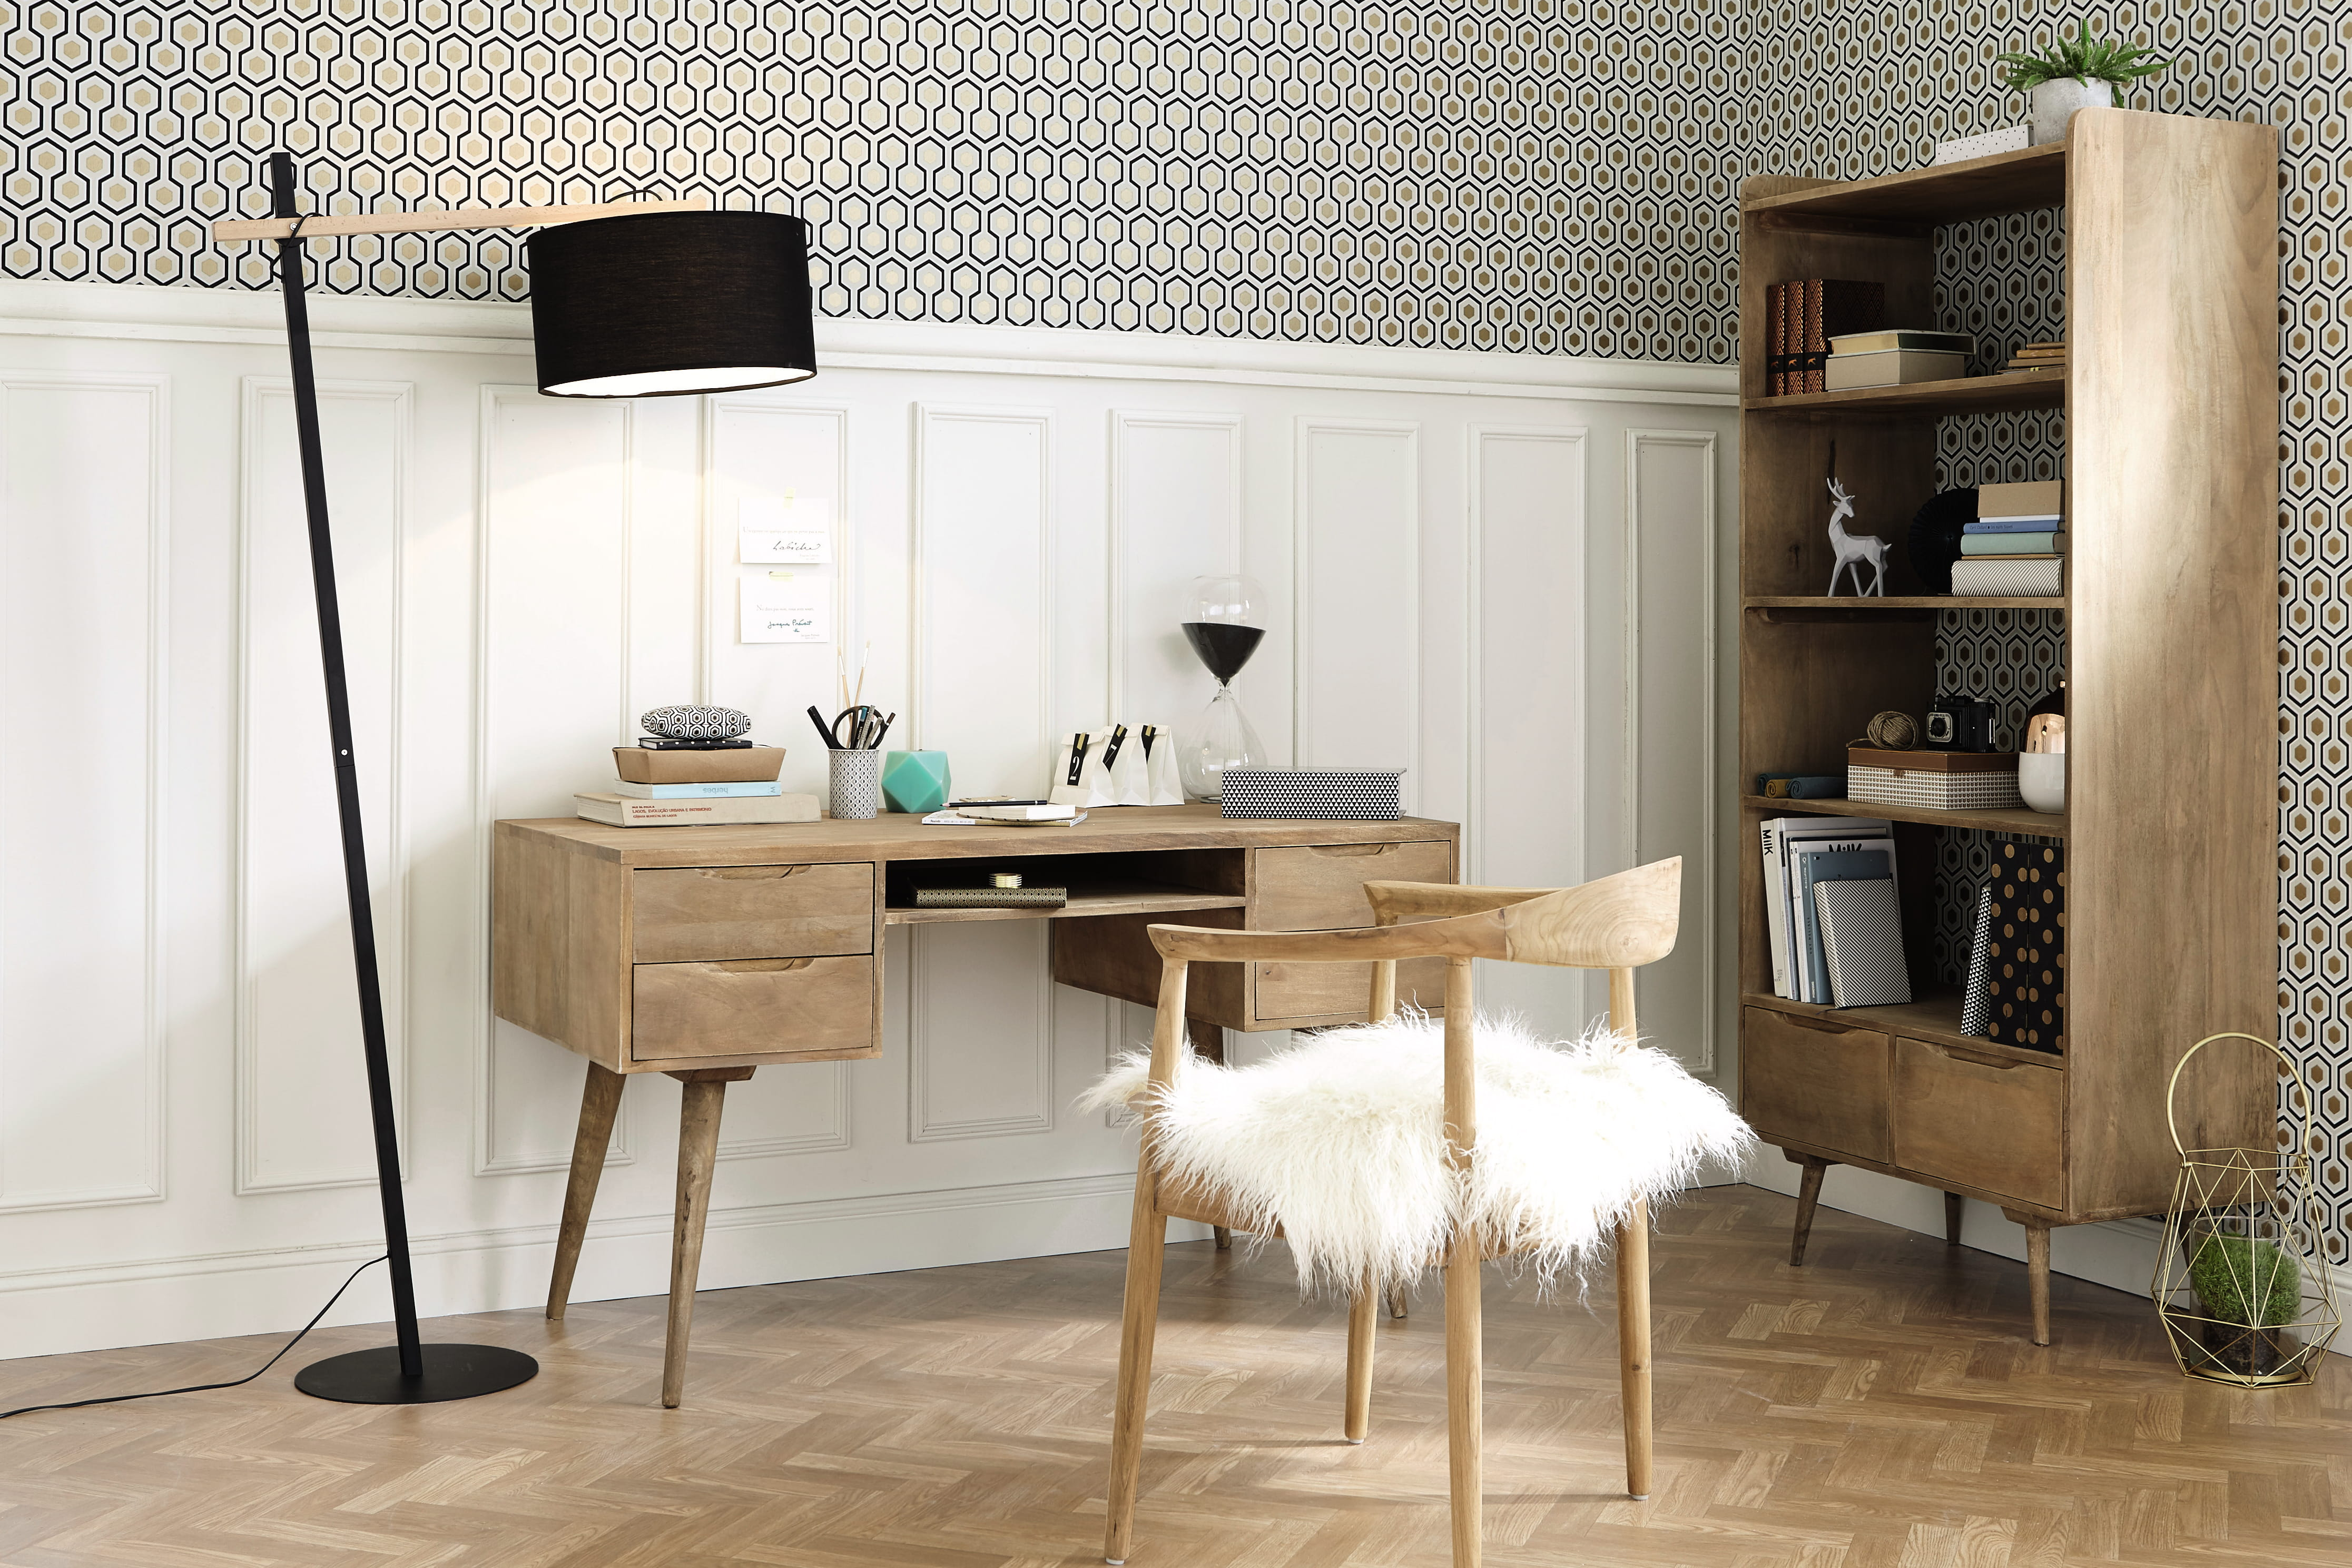 Bureau trocadero par maisons du monde 13 bureaux pour une d co scandinave e - Chaise de bureau maison du monde ...